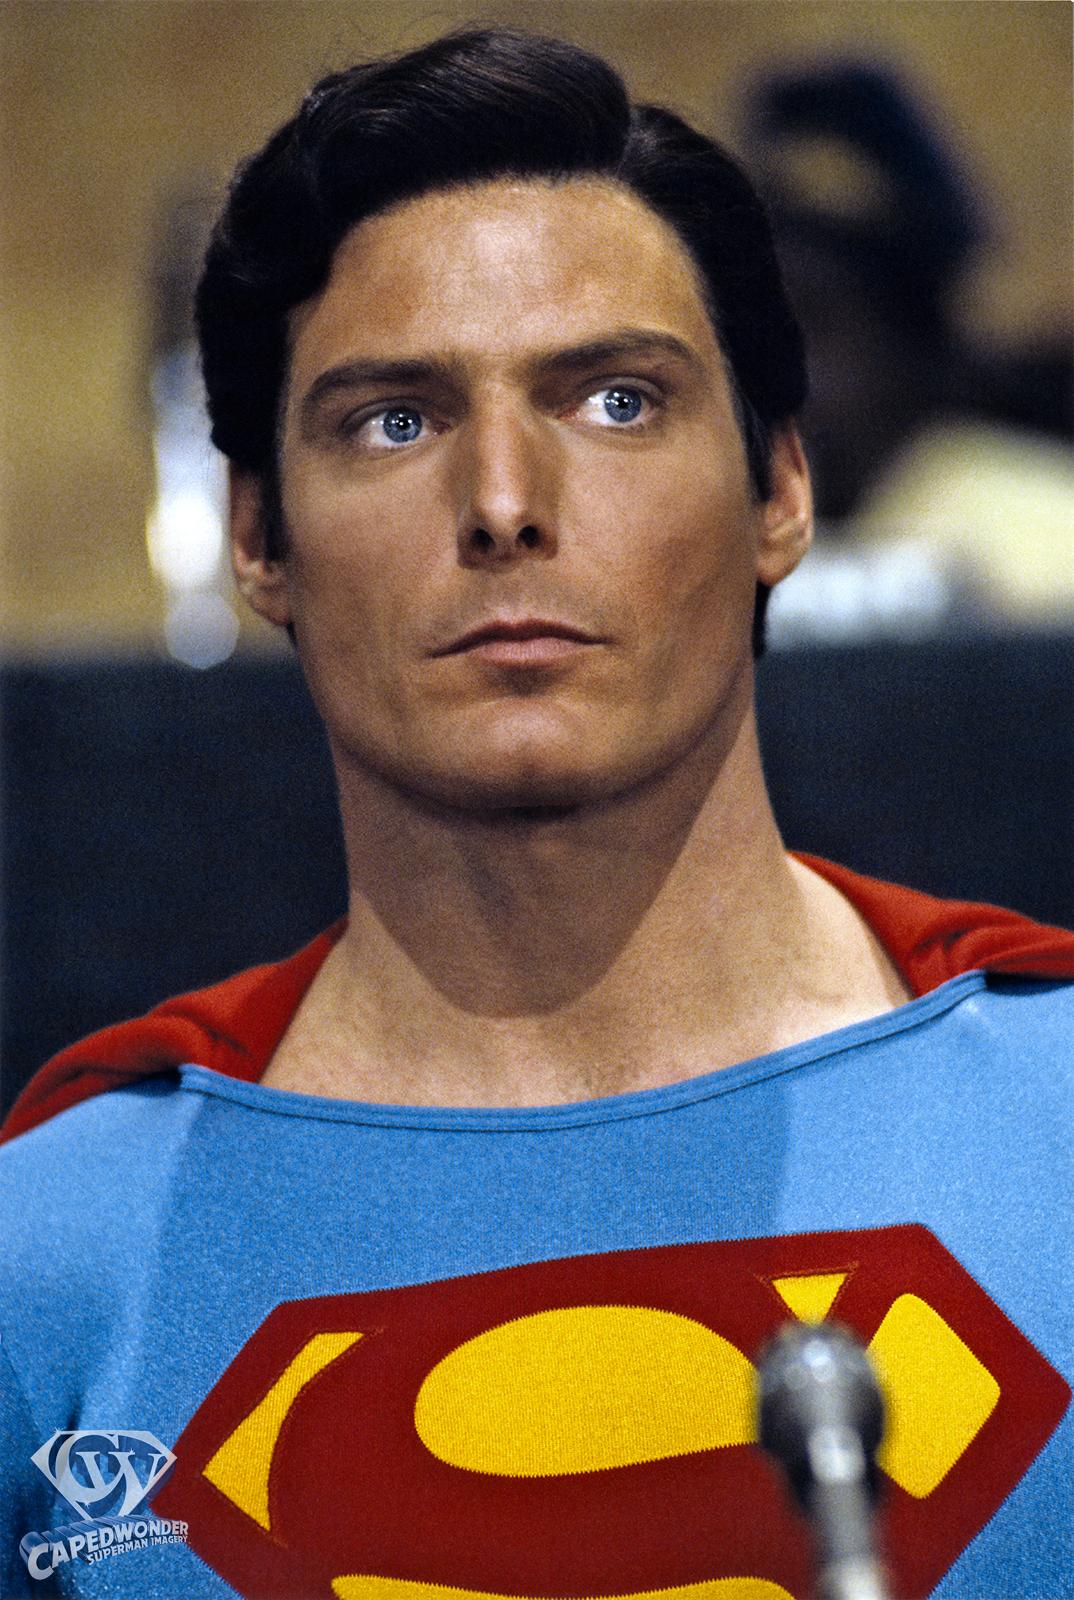 CW-SIV-UN-Superman-portrait-mic-color